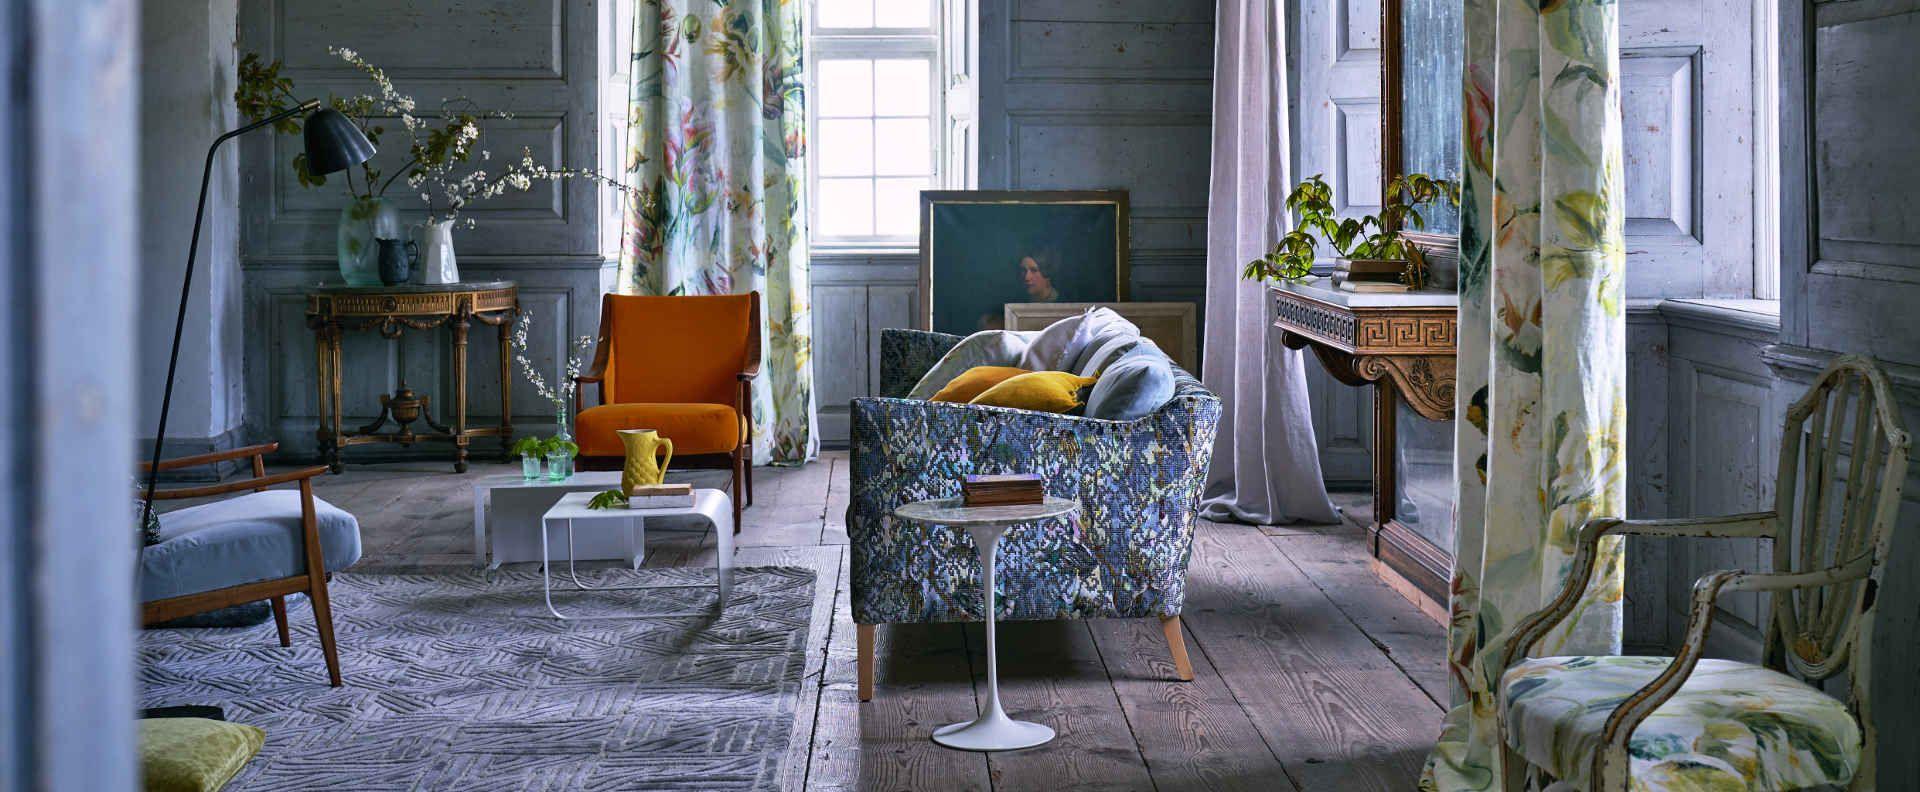 Tkaniny Fotele Firany Zasłony Kanapy Dekoracja Wnętrz